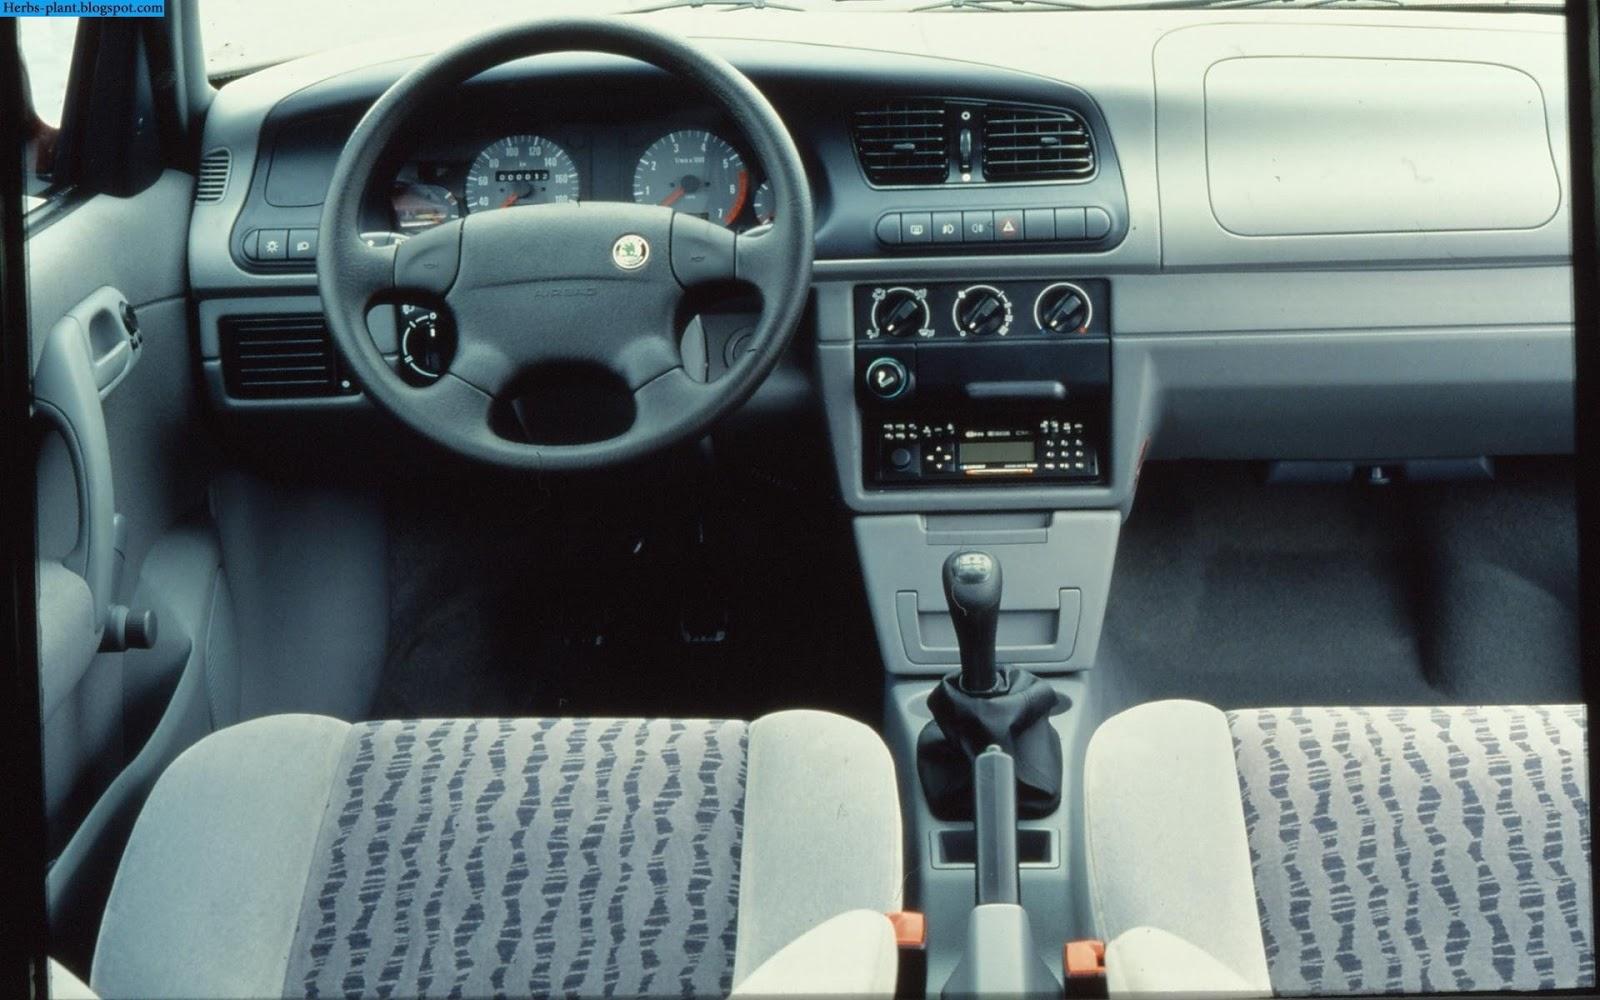 Skoda felicia car 2000 dashboard - صور تابلوه سيارة سكودا فليشيا 2000